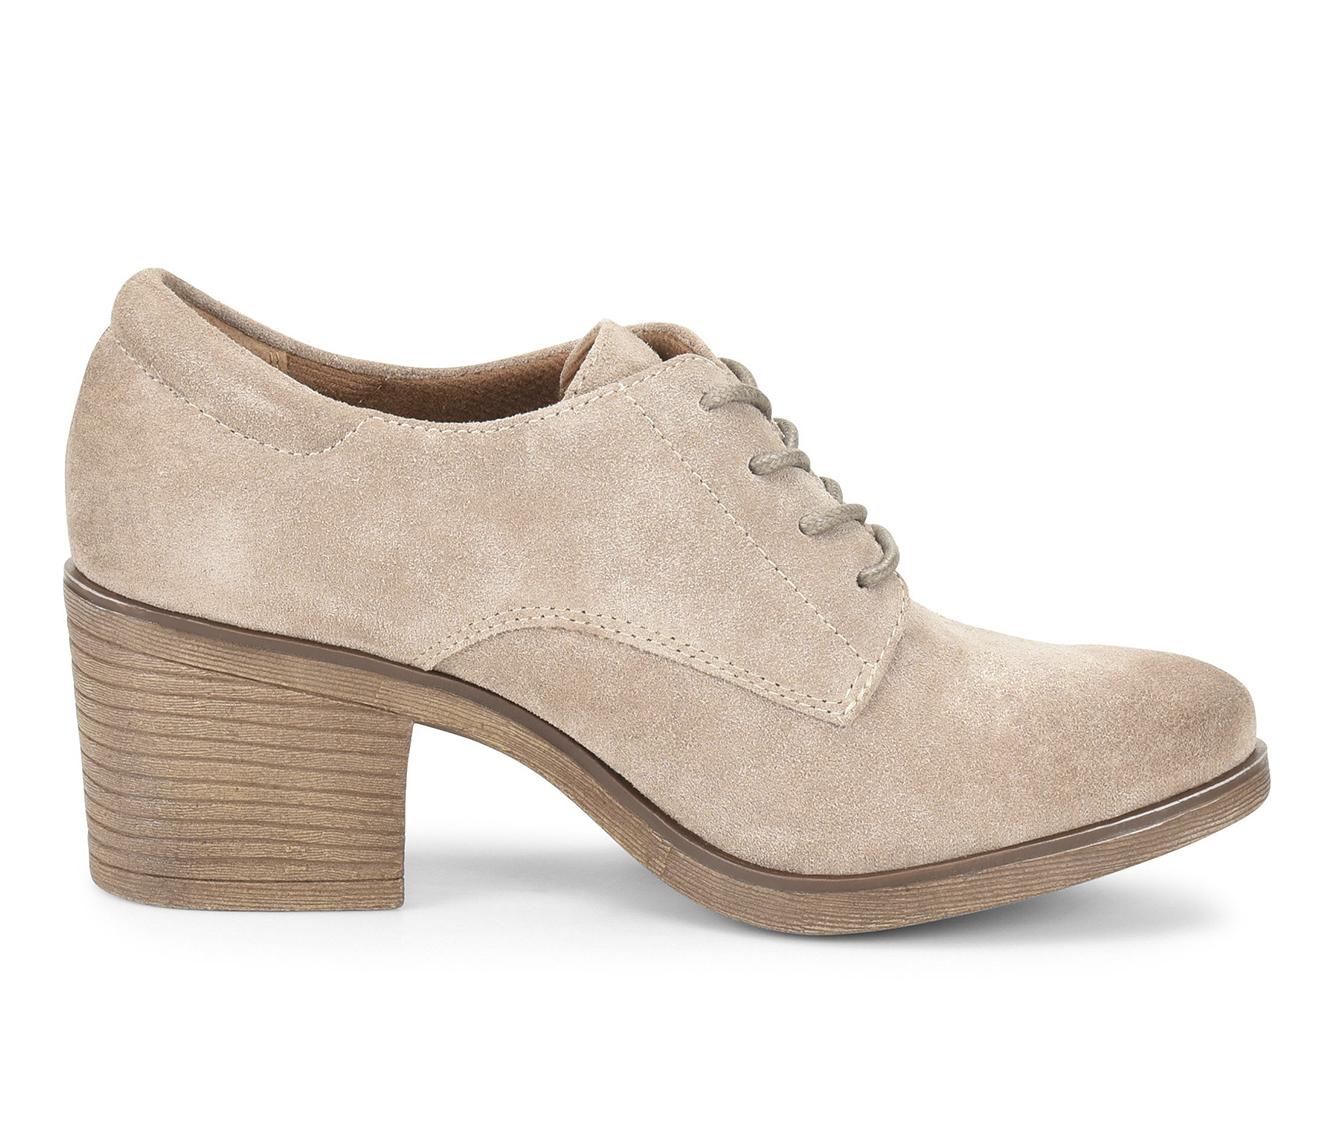 EuroSoft Jules Women's Shoe (Beige Suede)